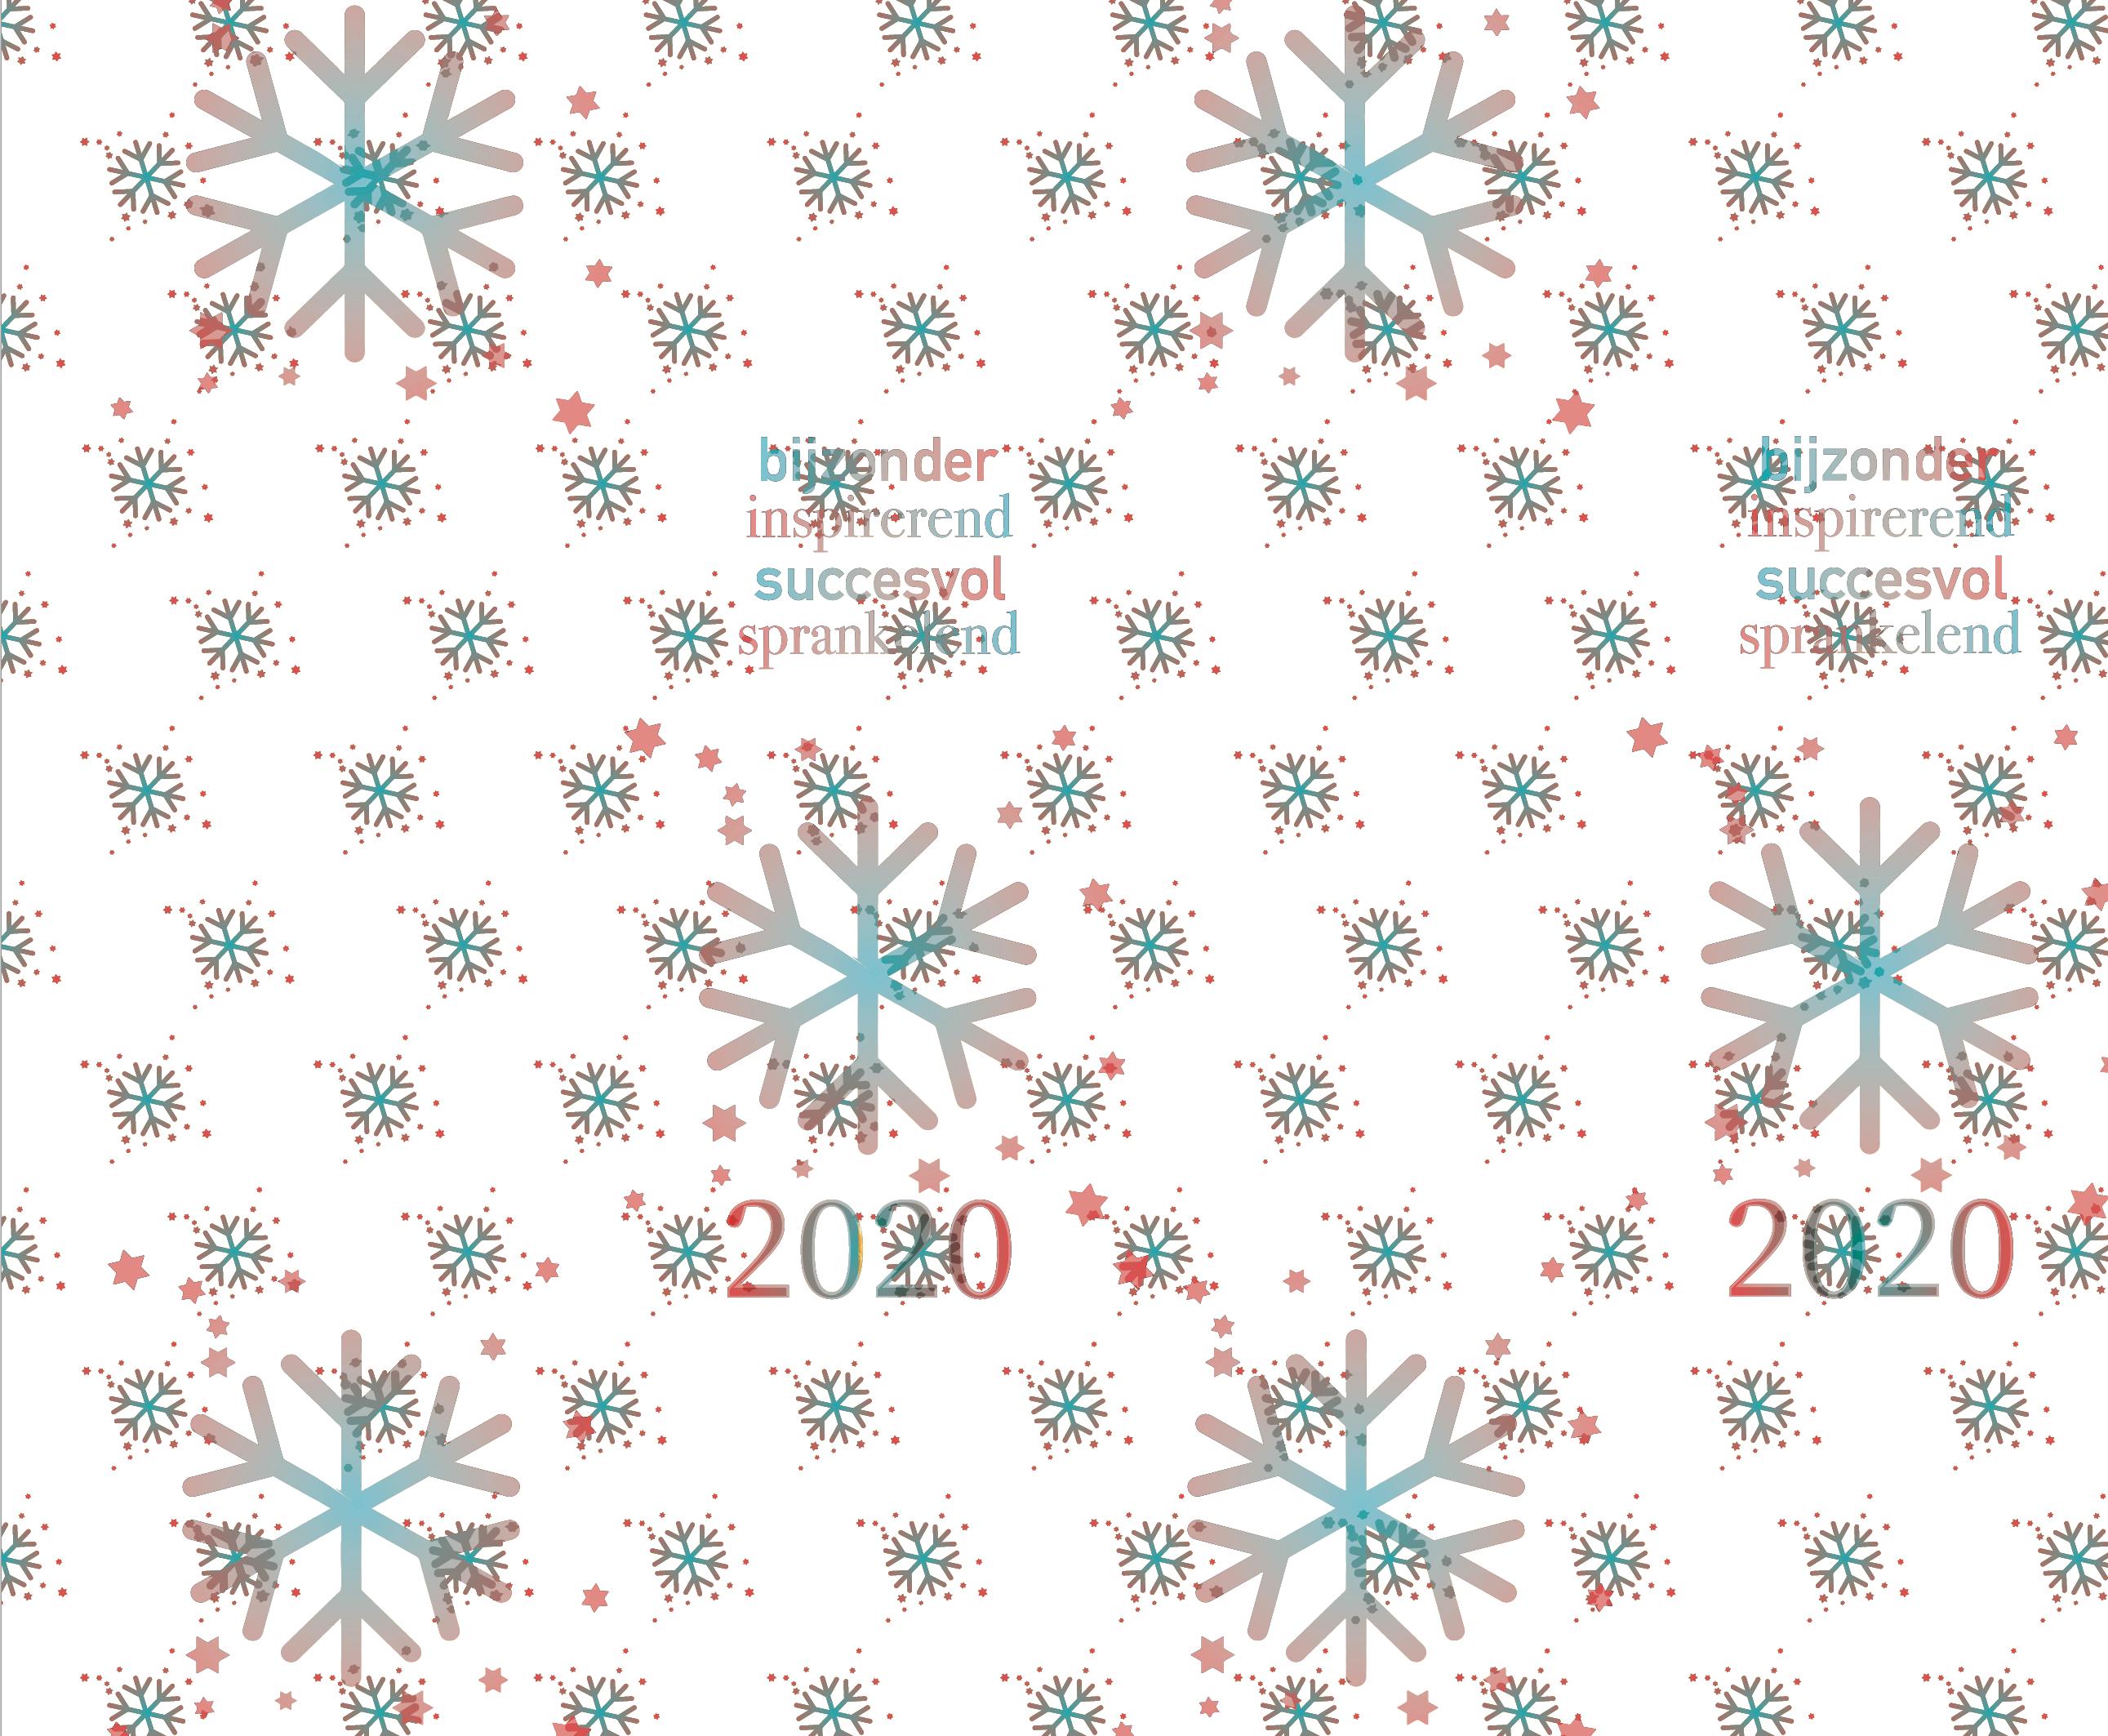 Schermafbeelding 2020-02-09 om 16.43.24